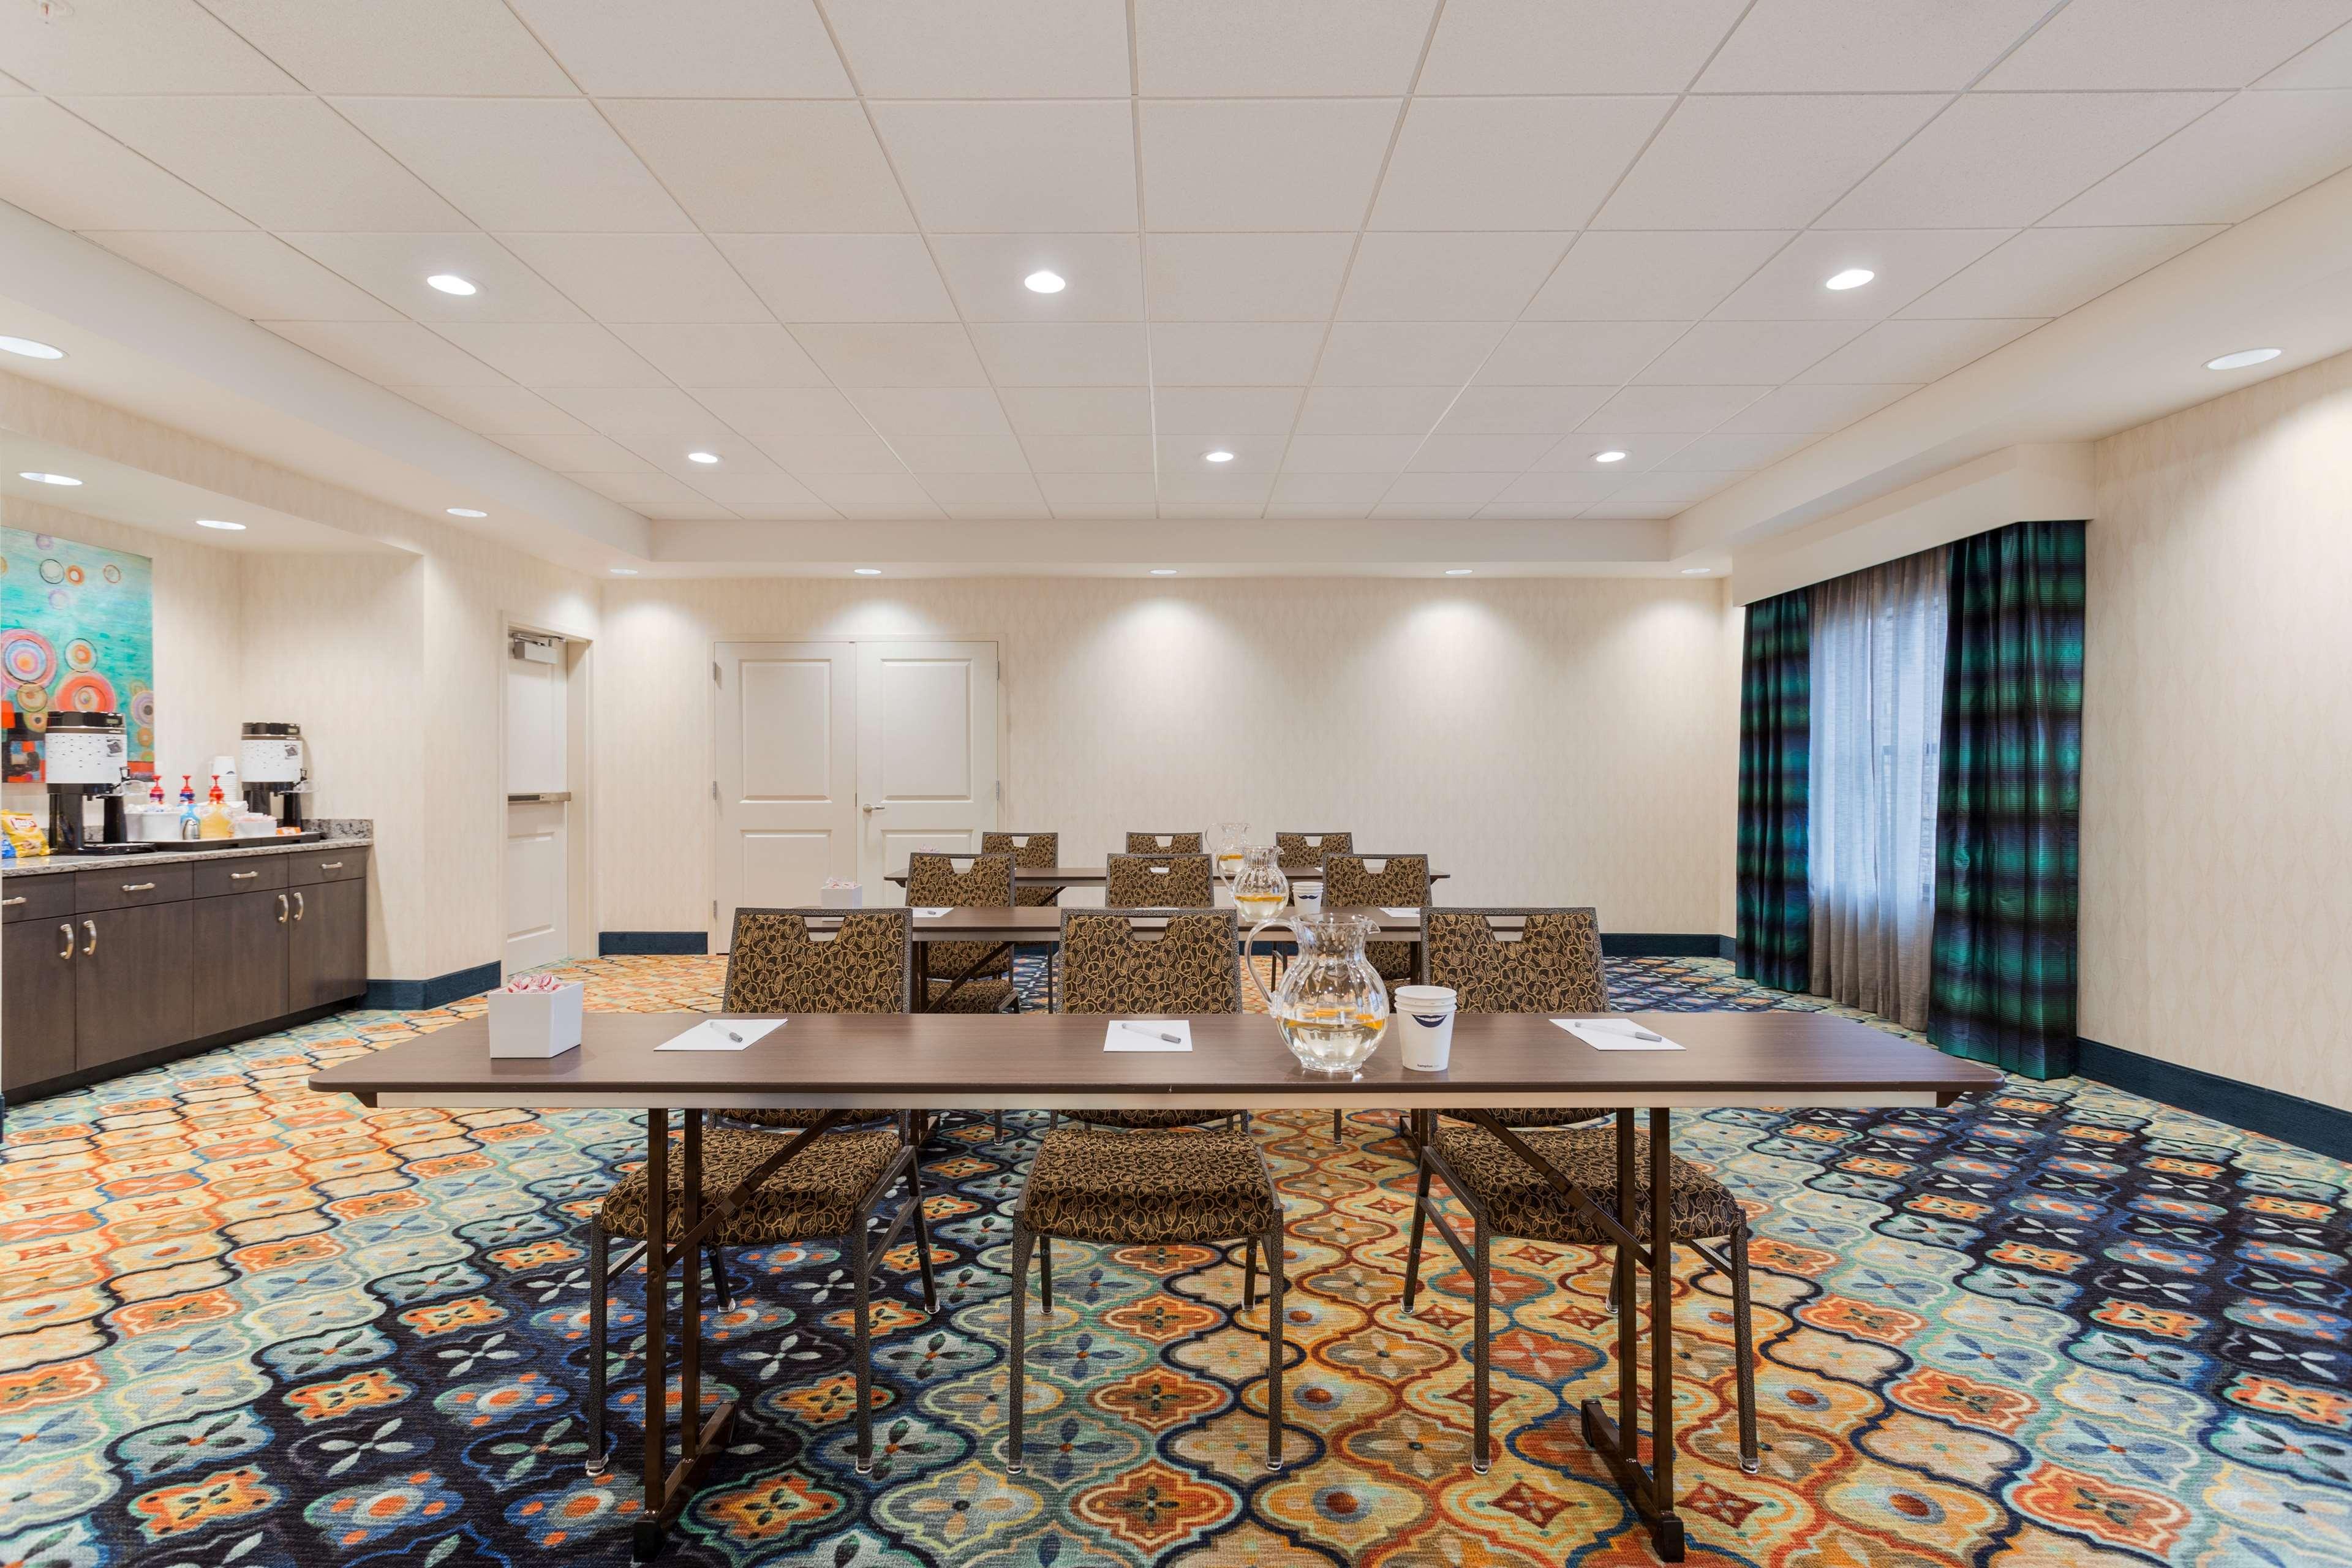 Hampton Inn & Suites West Des Moines/SW Mall Area image 25